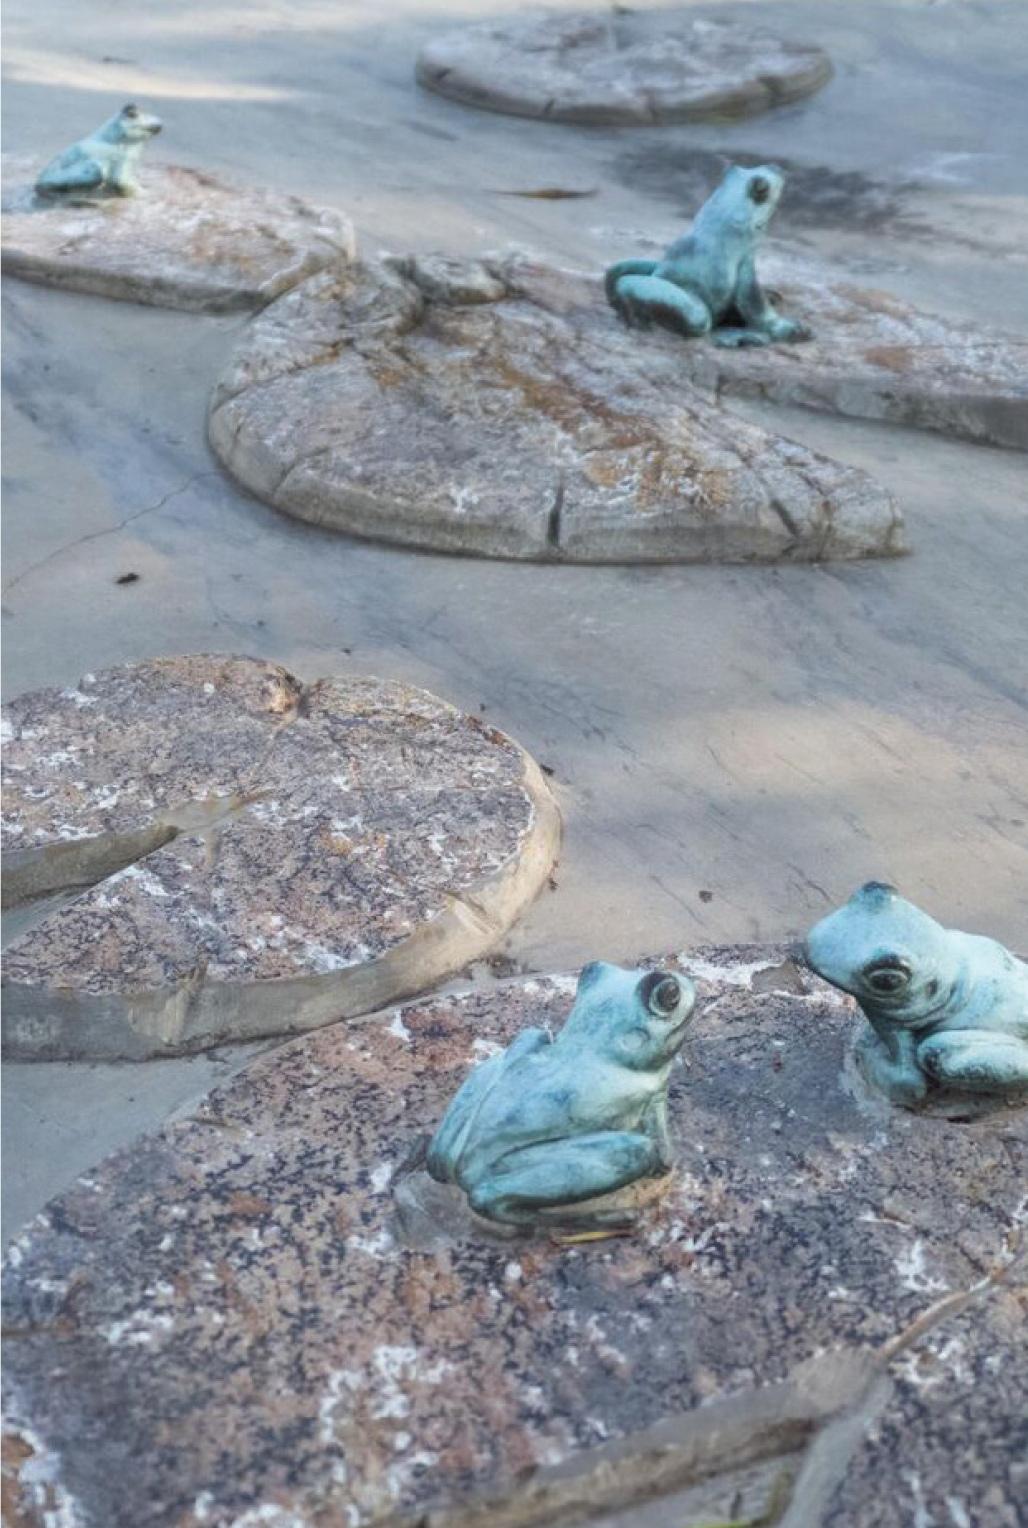 Wirrarninthi frog